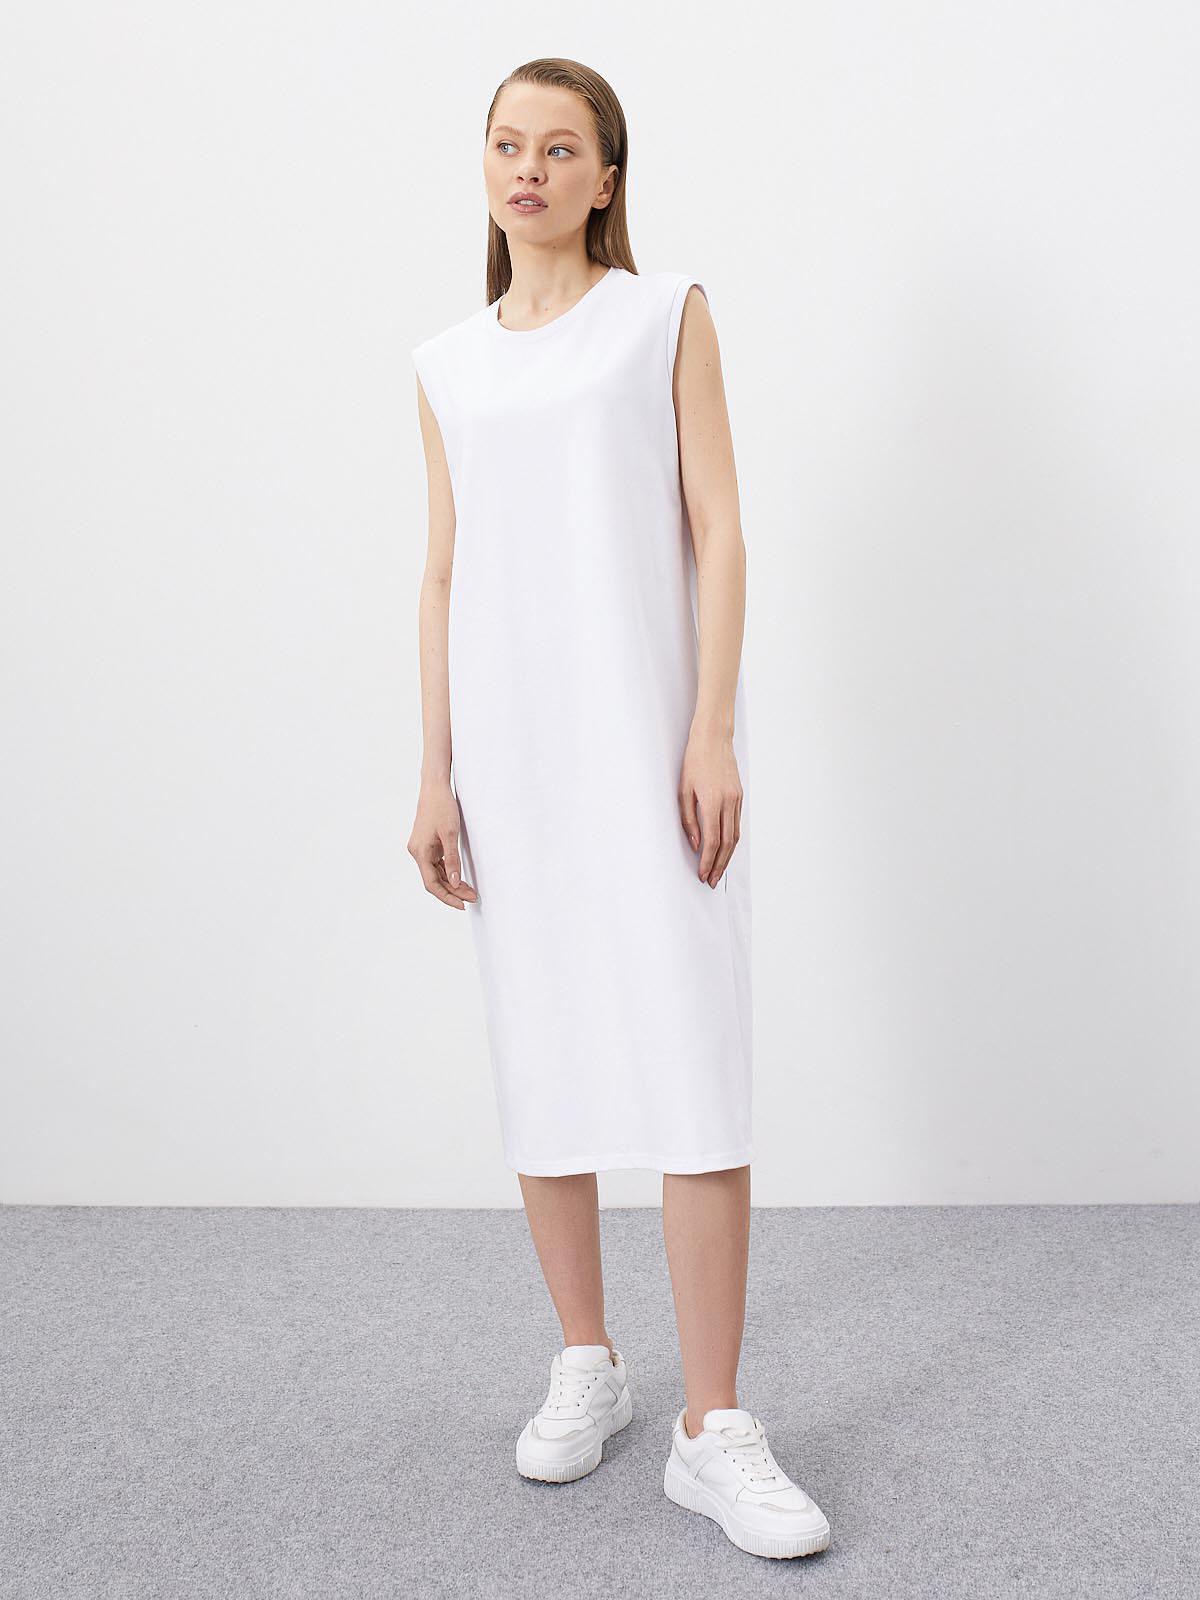 Платье-футболка Nat без рукавов, Белый